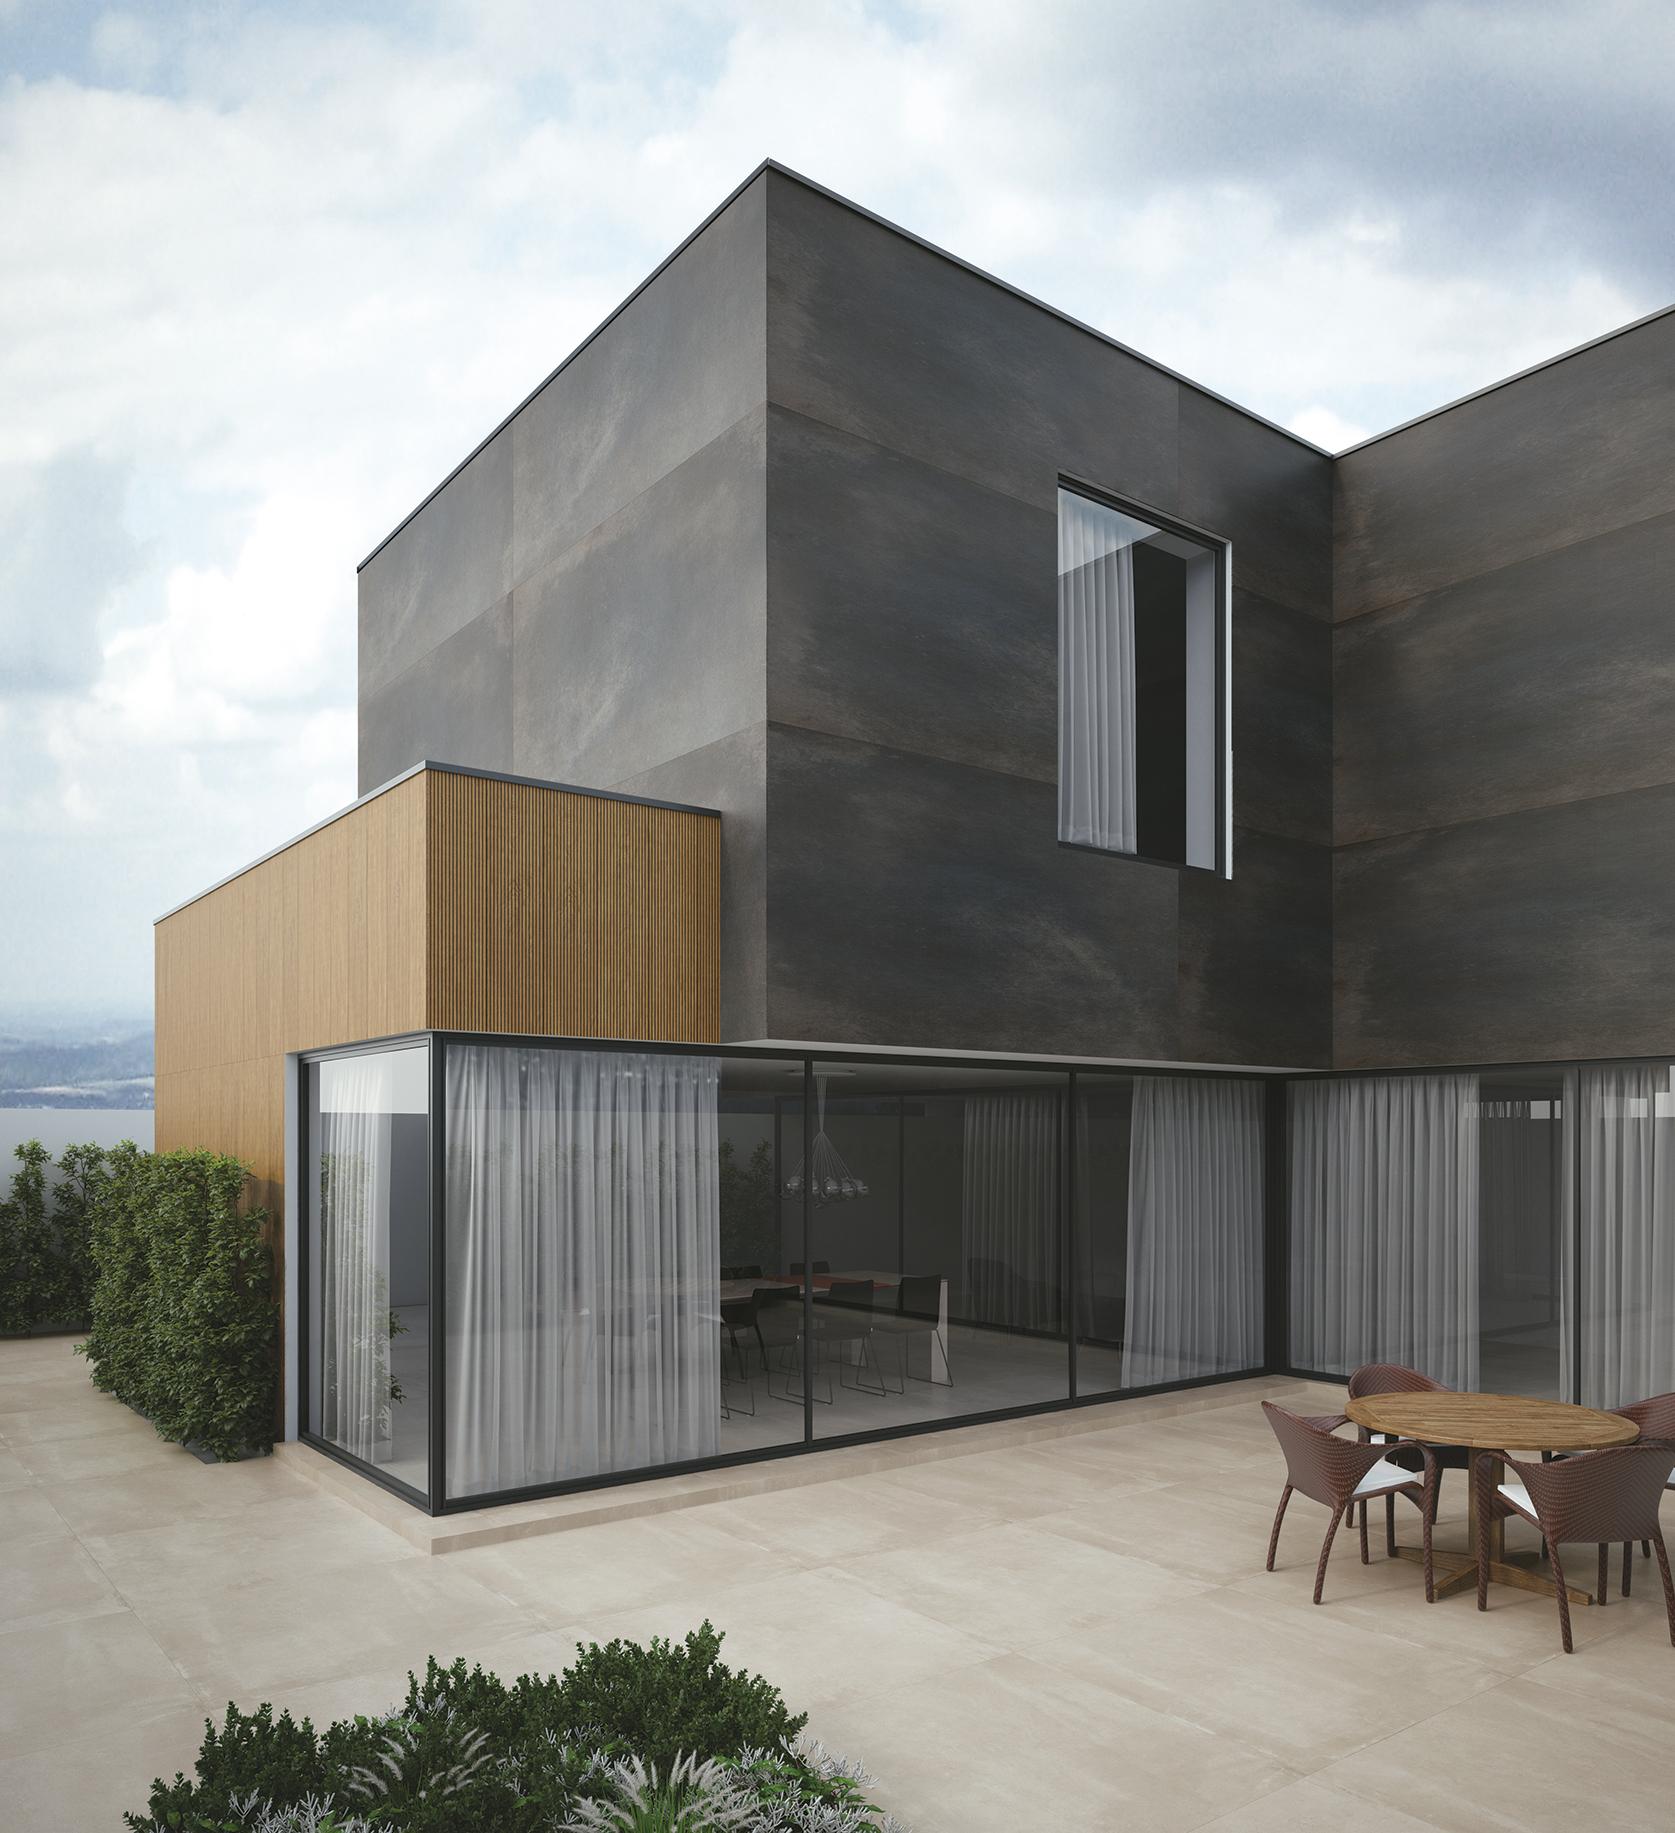 fachada revestida com produto metalizado